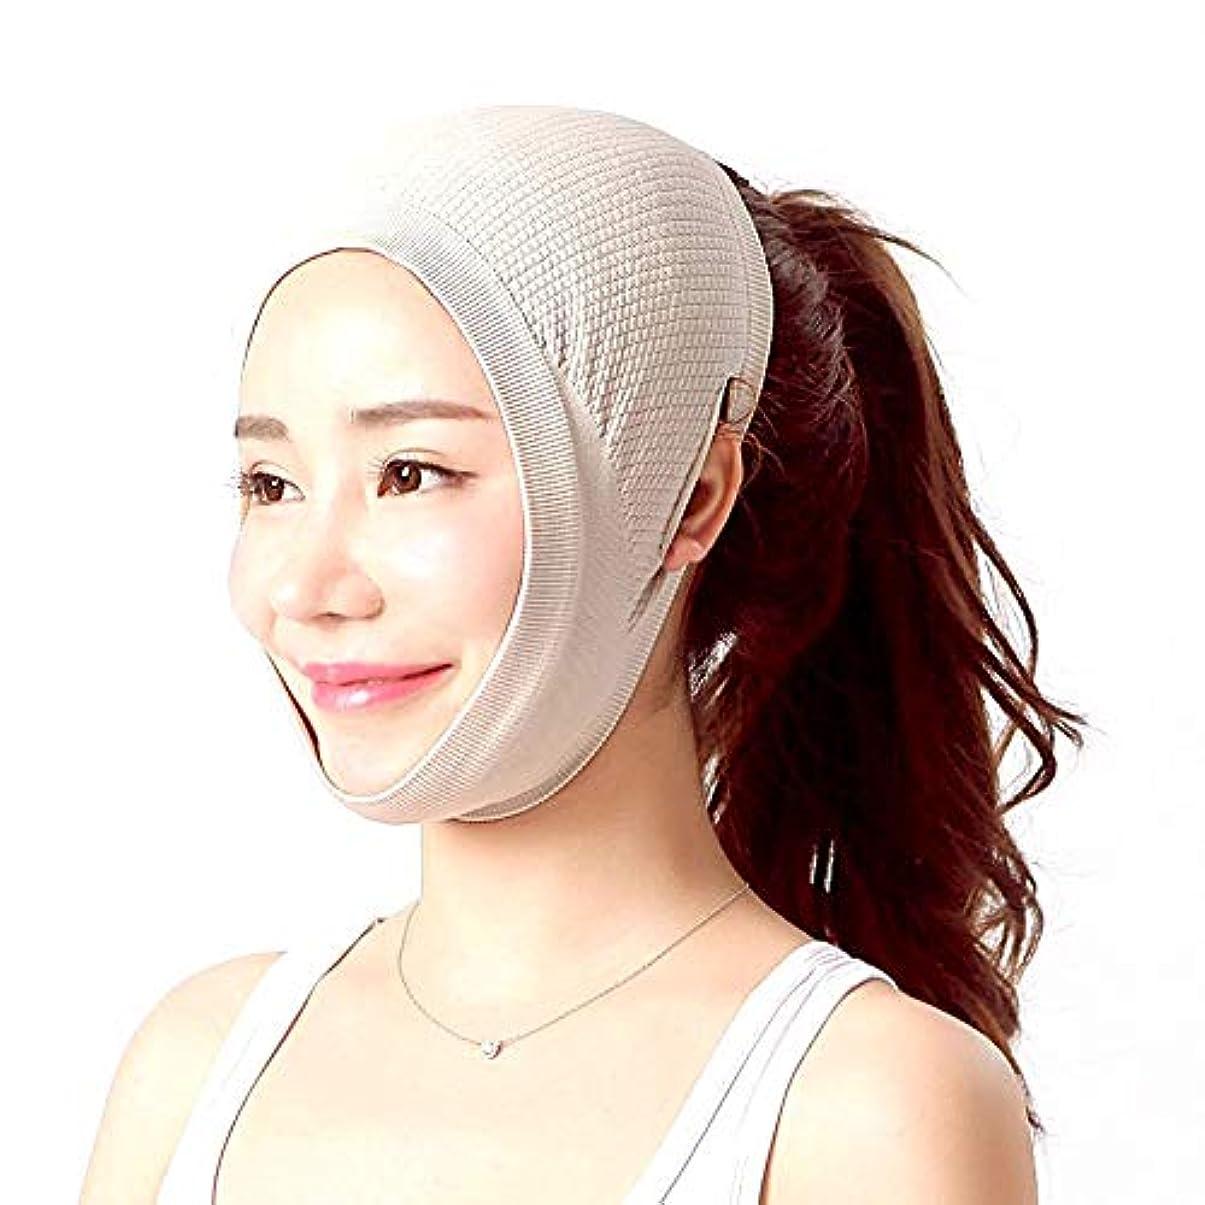 訪問シミュレートするヒョウフェイスリフティングアーティファクト包帯ライン術後回復包帯リフティングフェイスフードVフェイス包帯リフティングVフェイス美容マスク - 肌のトーン